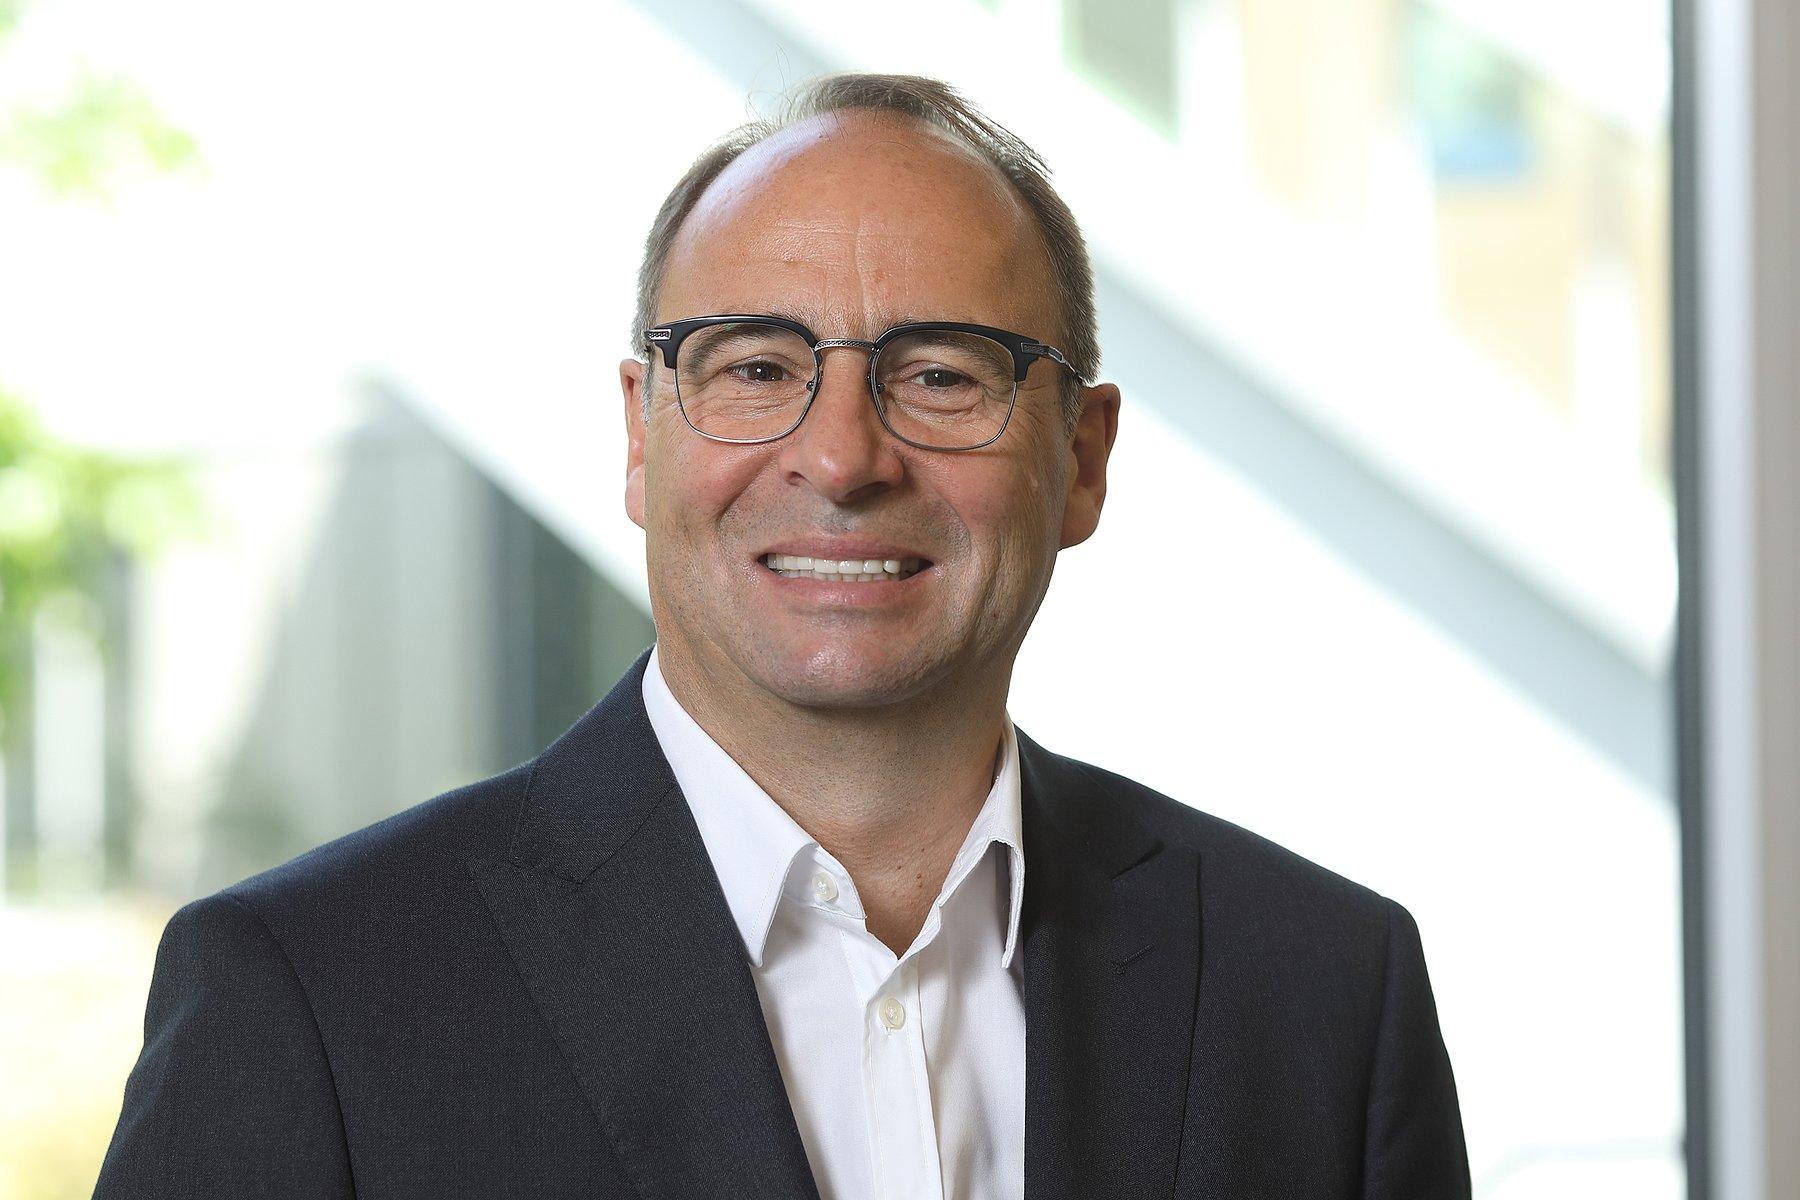 Portrait von Roland Kottke, dem neuen Direktor der Hessing Stiftung